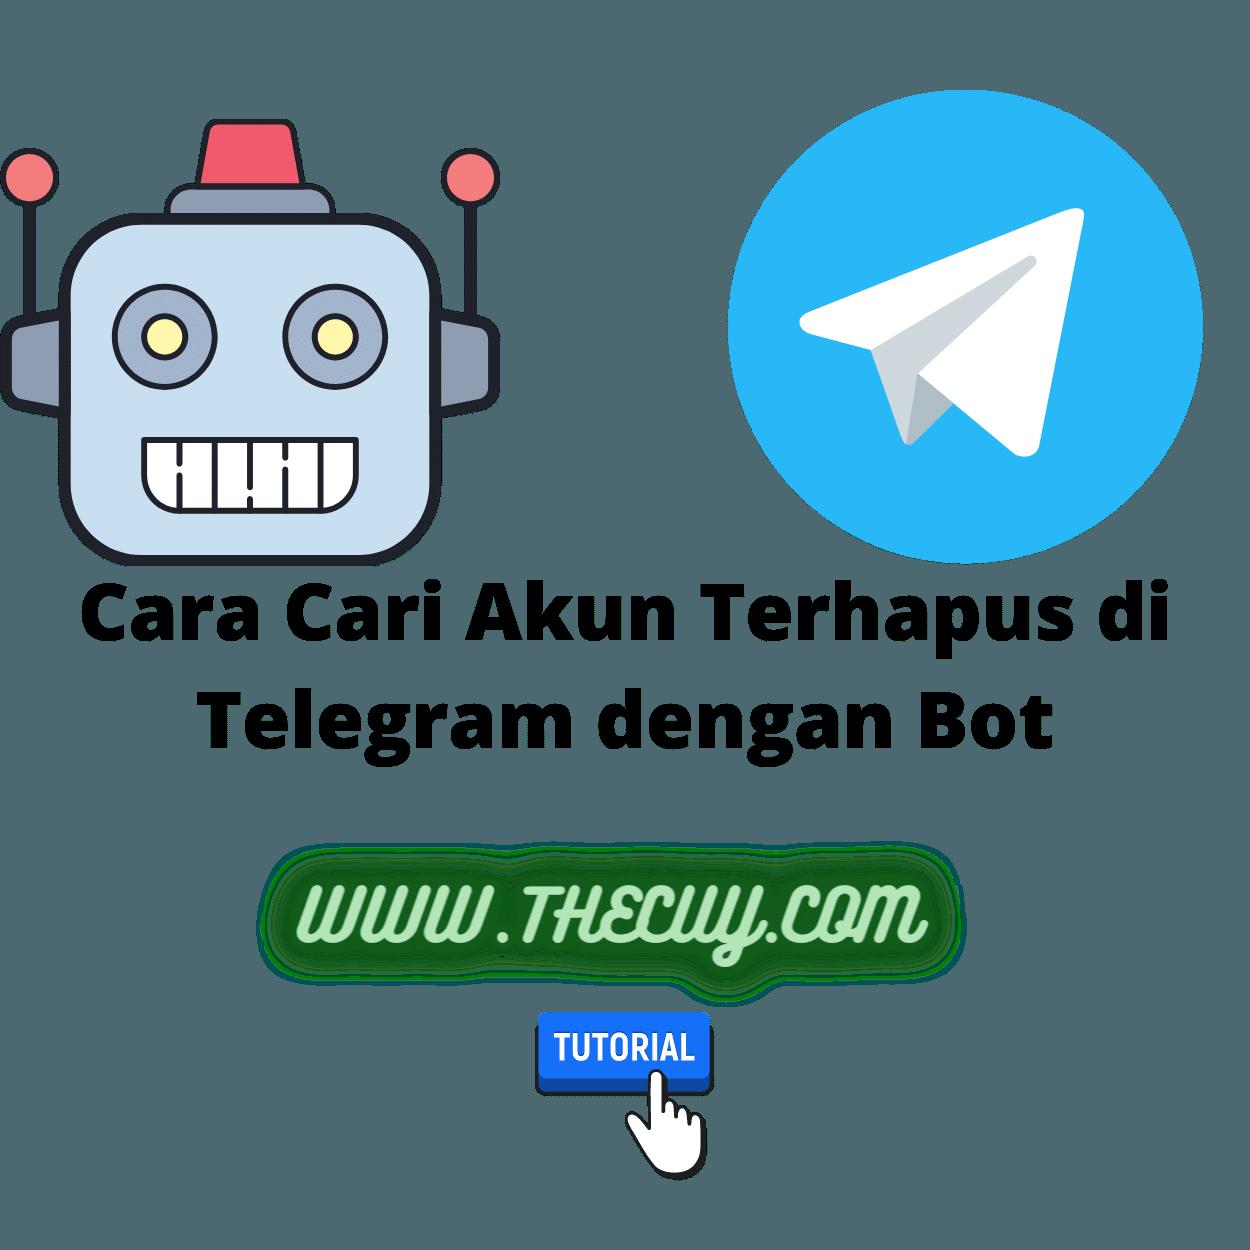 Cara Cari Akun Terhapus di Telegram dengan Bot